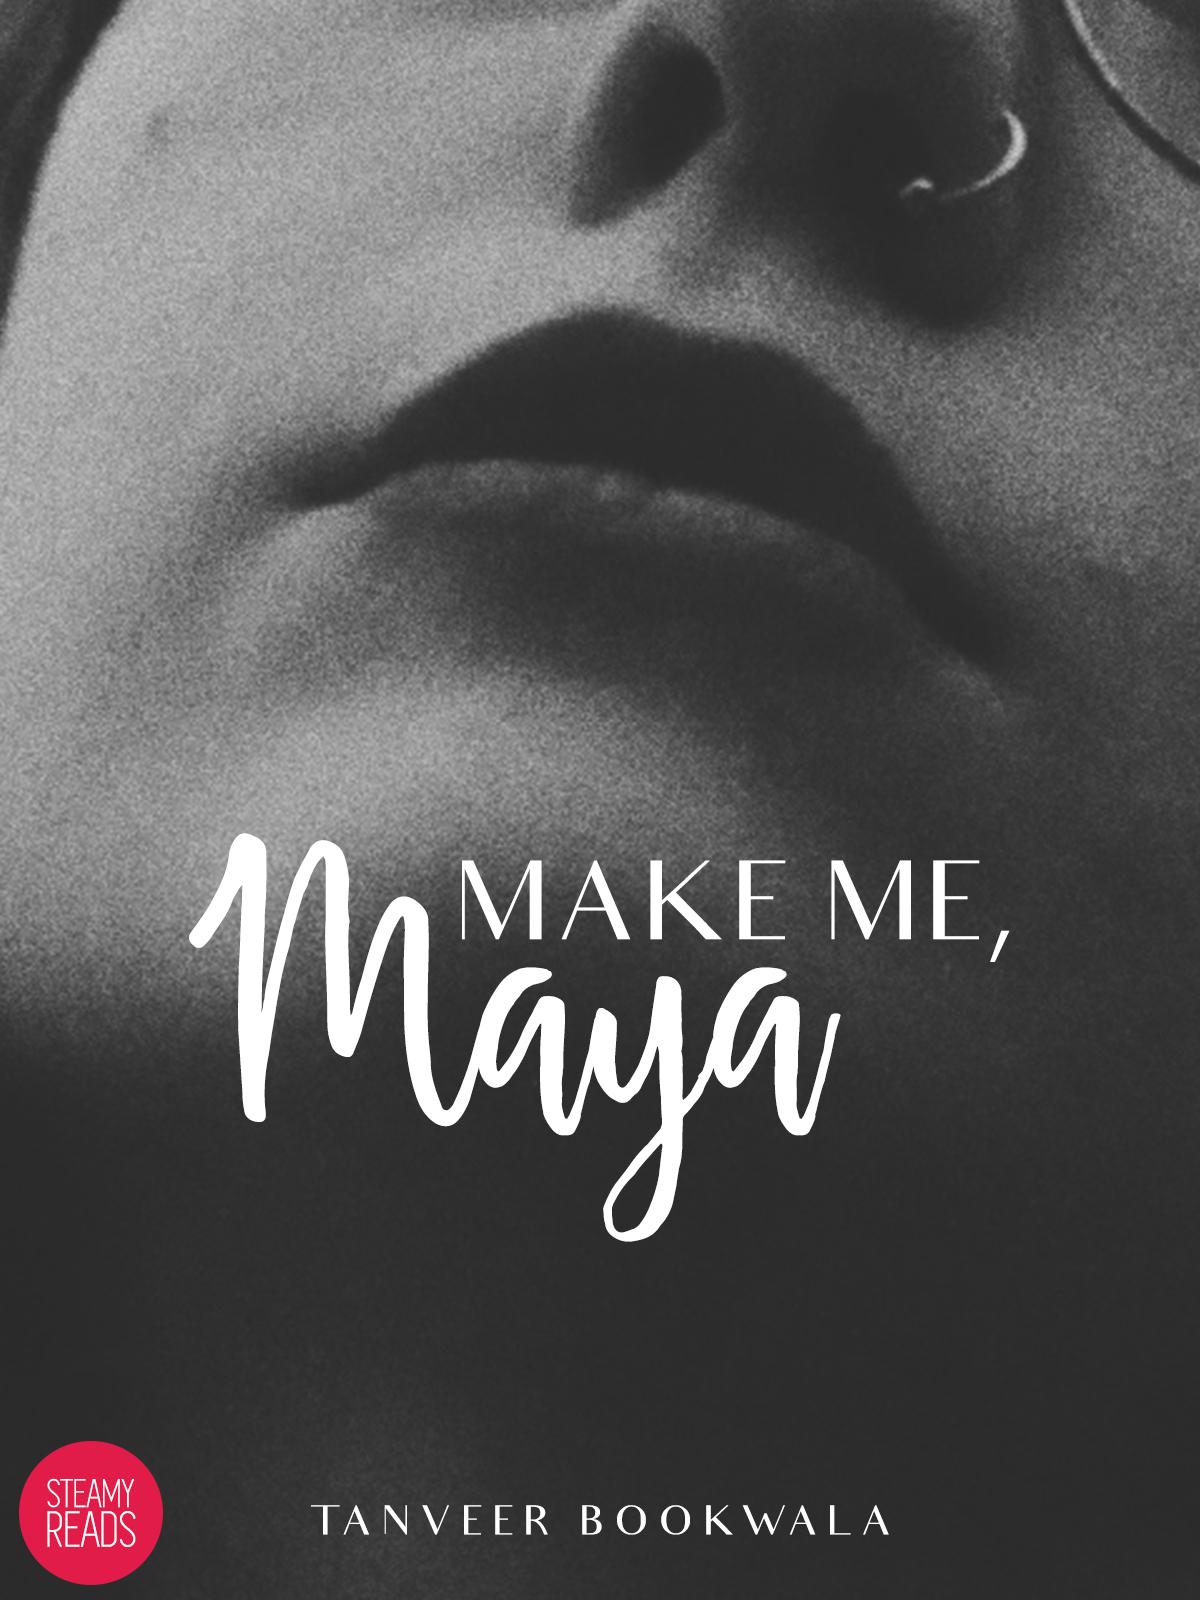 Make me, Maya